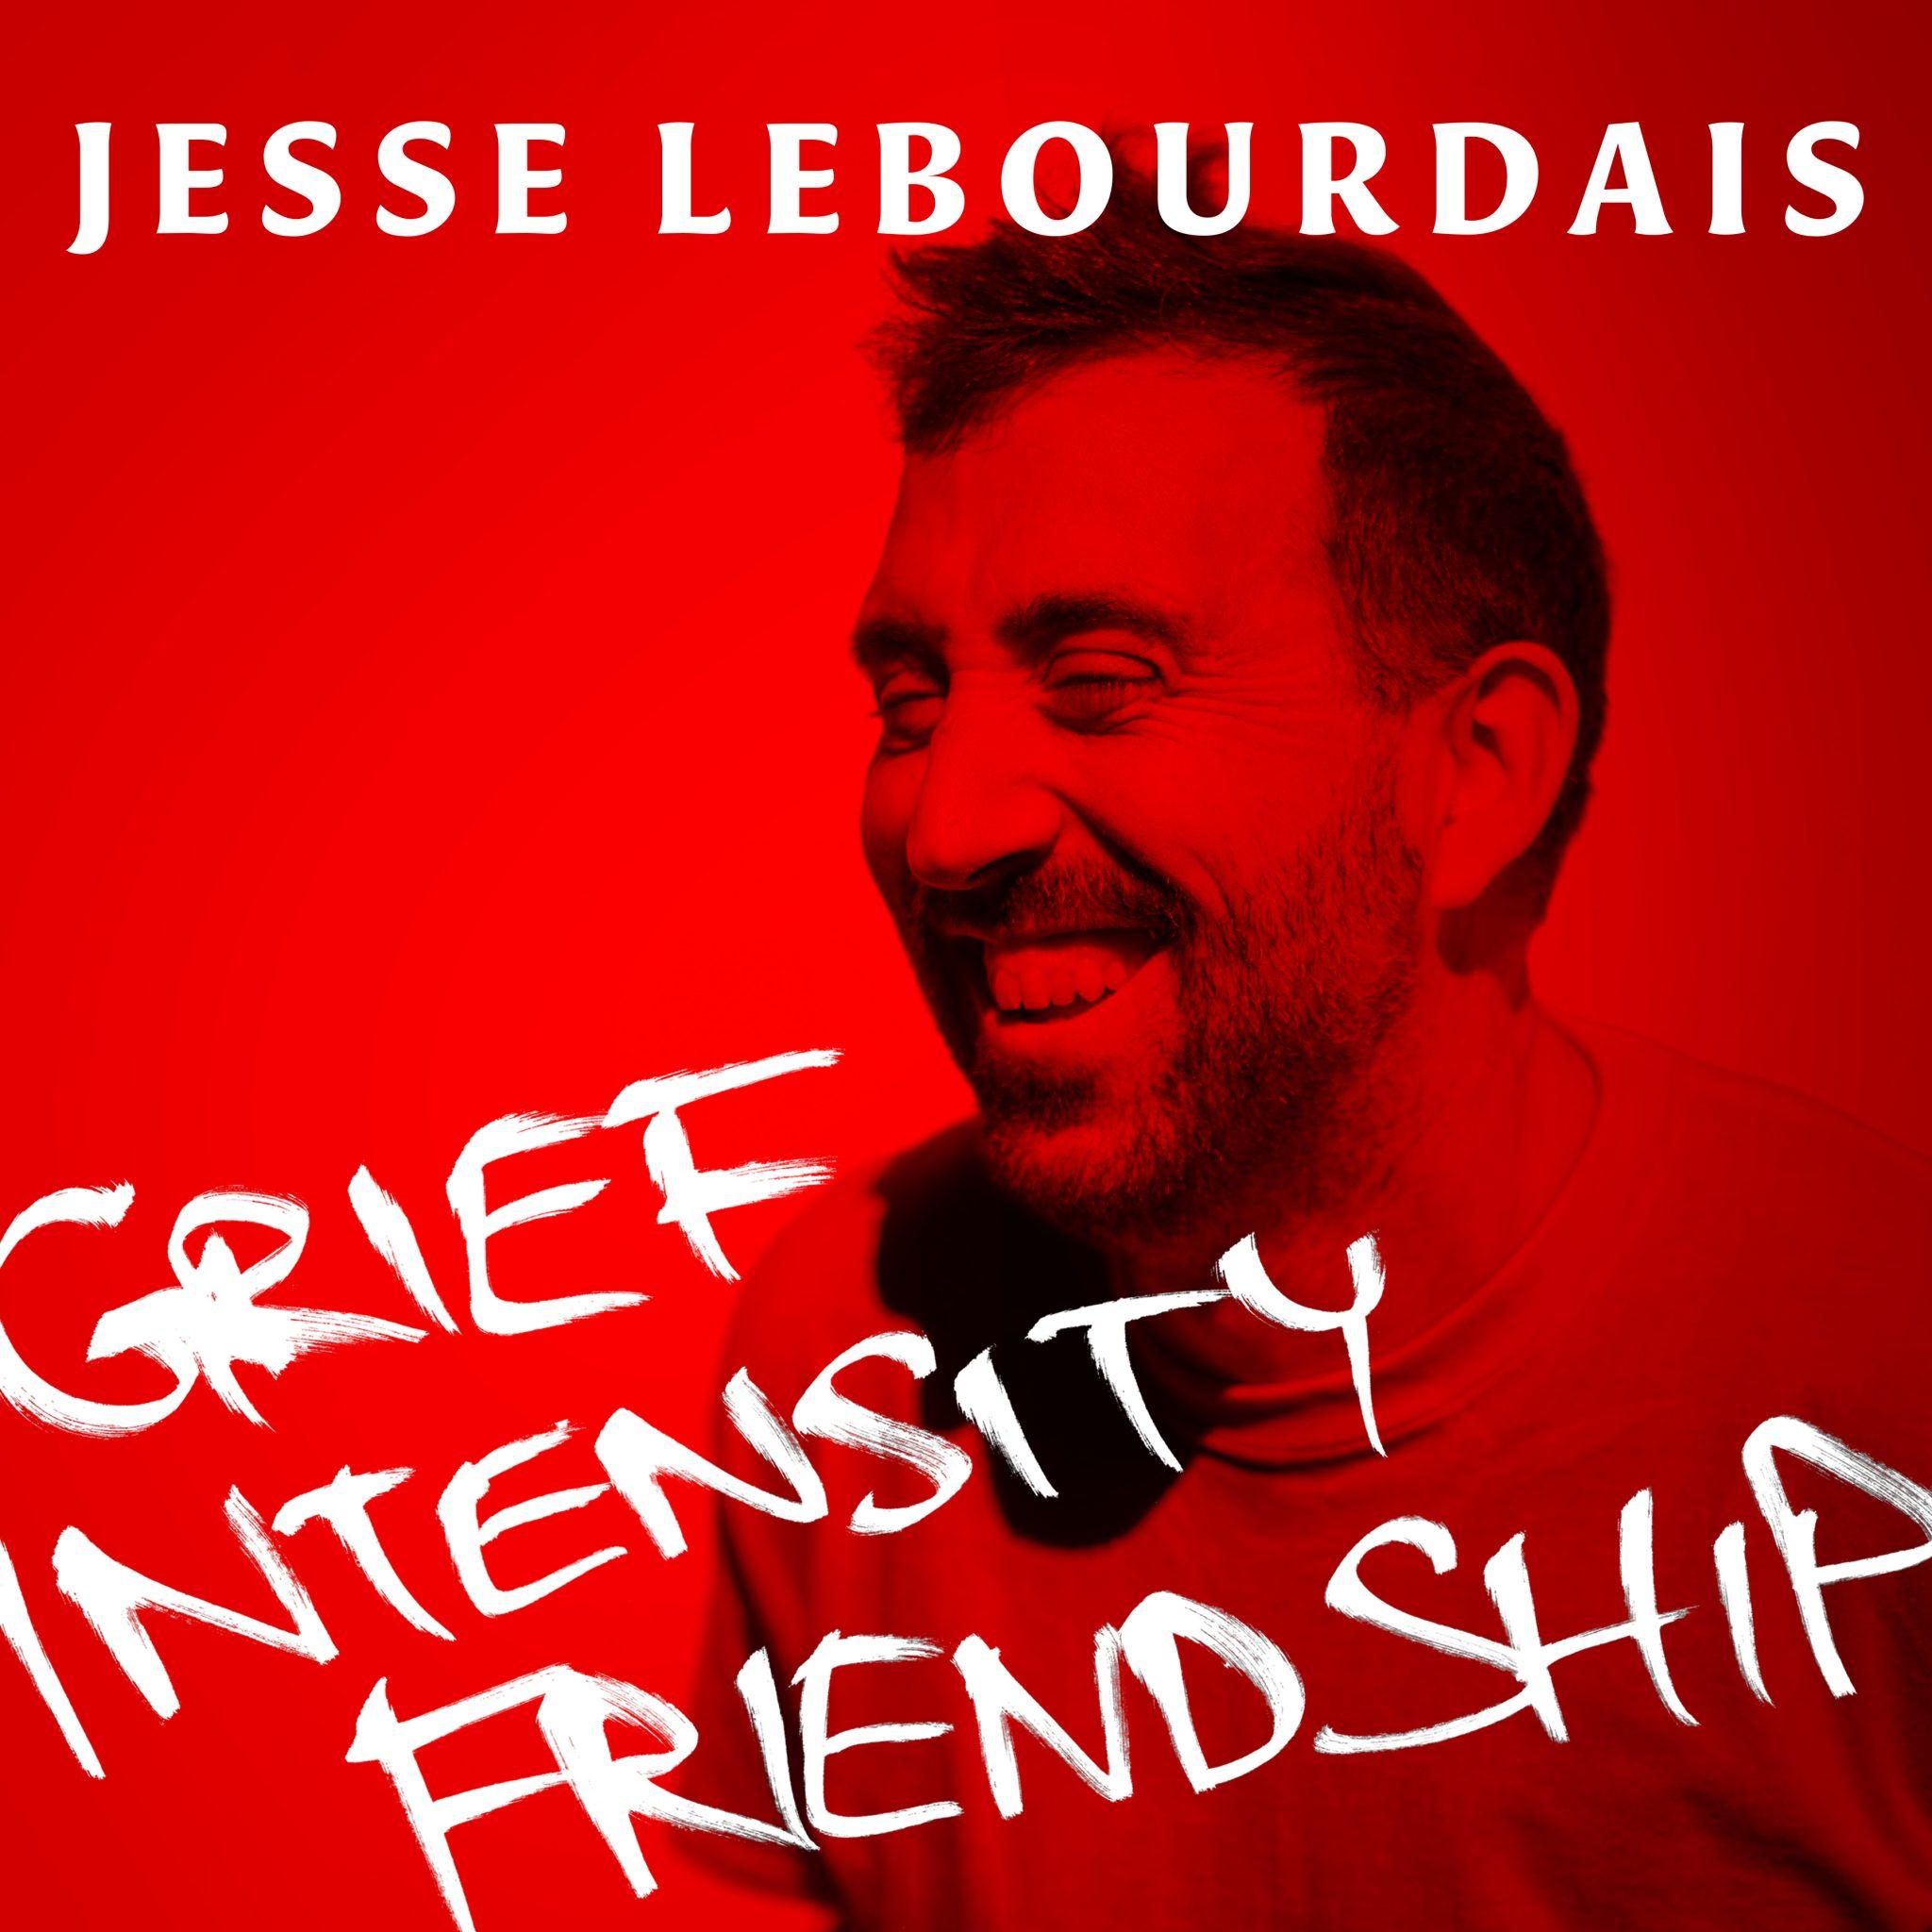 Jesse Lebourdais GIF